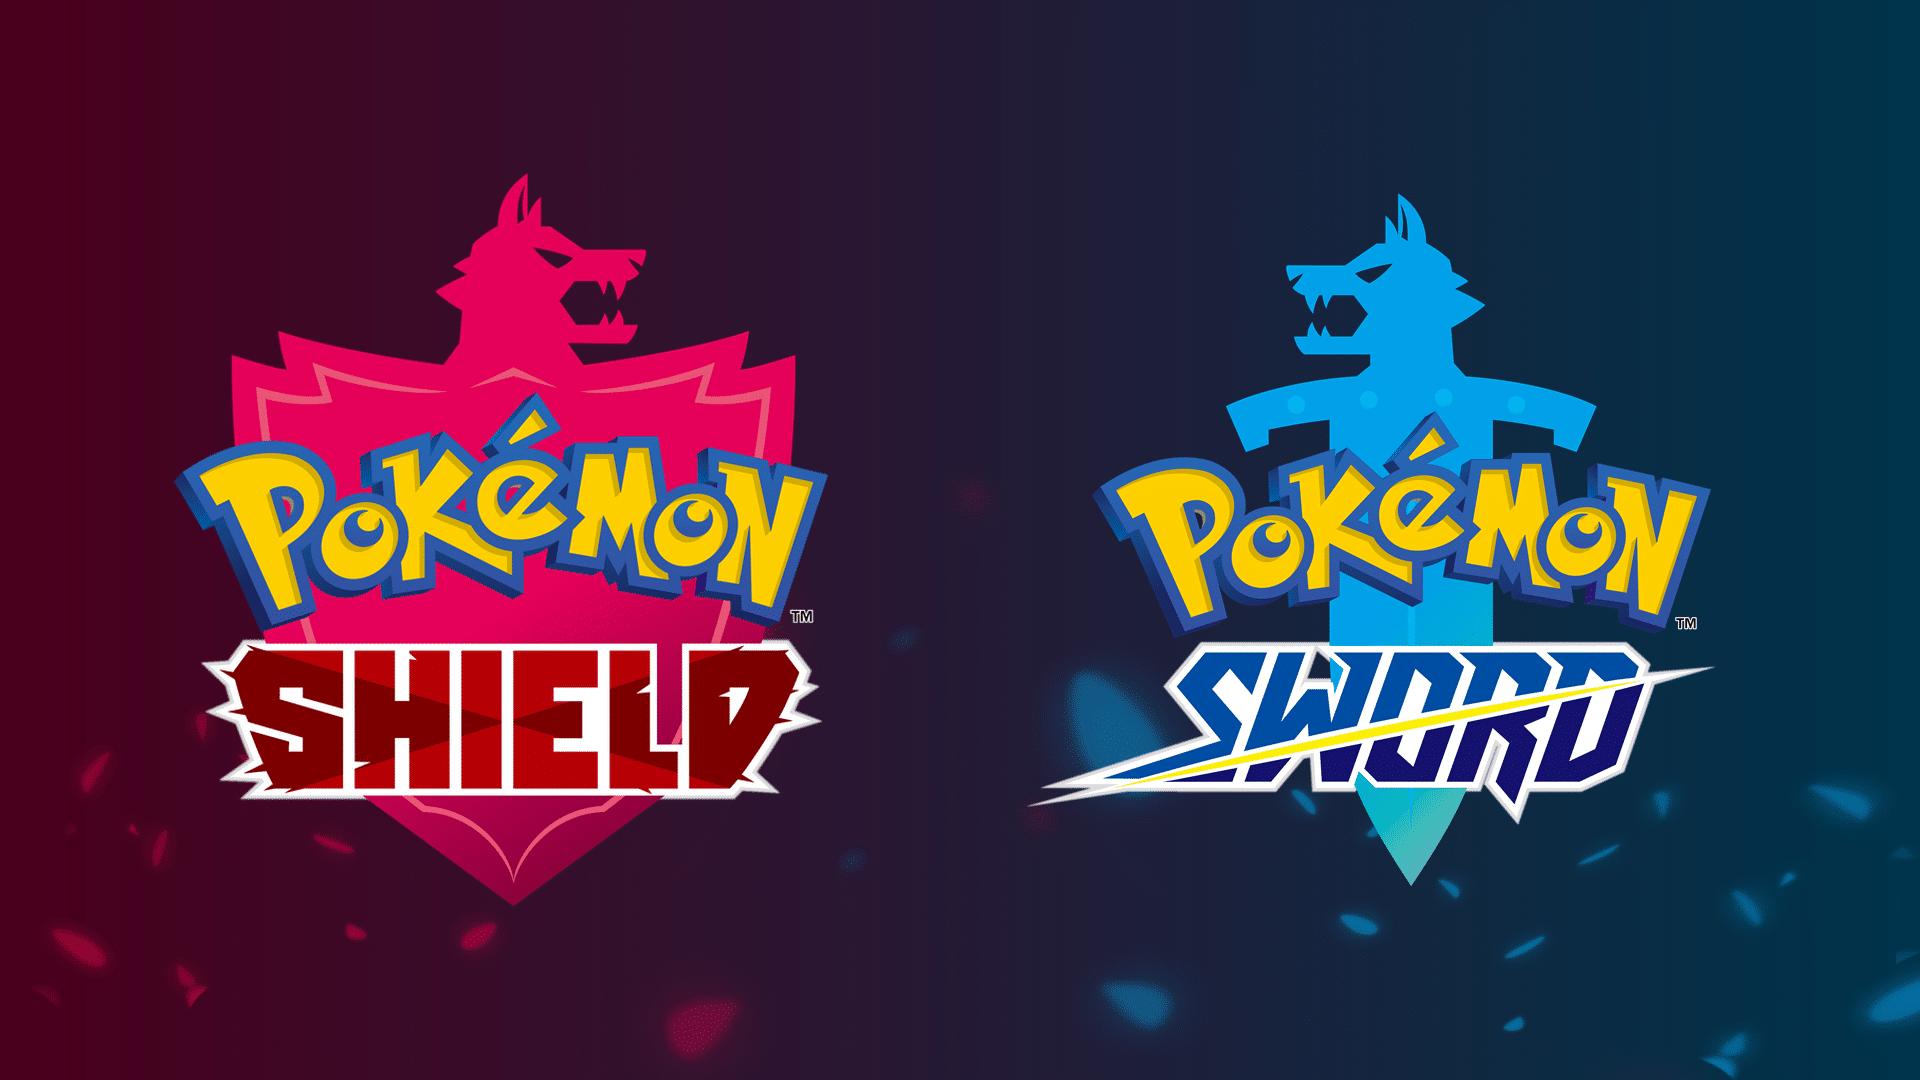 Pokemon Sword Shield 16 Miljoen Exemplaren Wereldwijd Verkocht Nintendo Switch Nieuws Nintendoreporters Nintendo Pokemon Pokemon